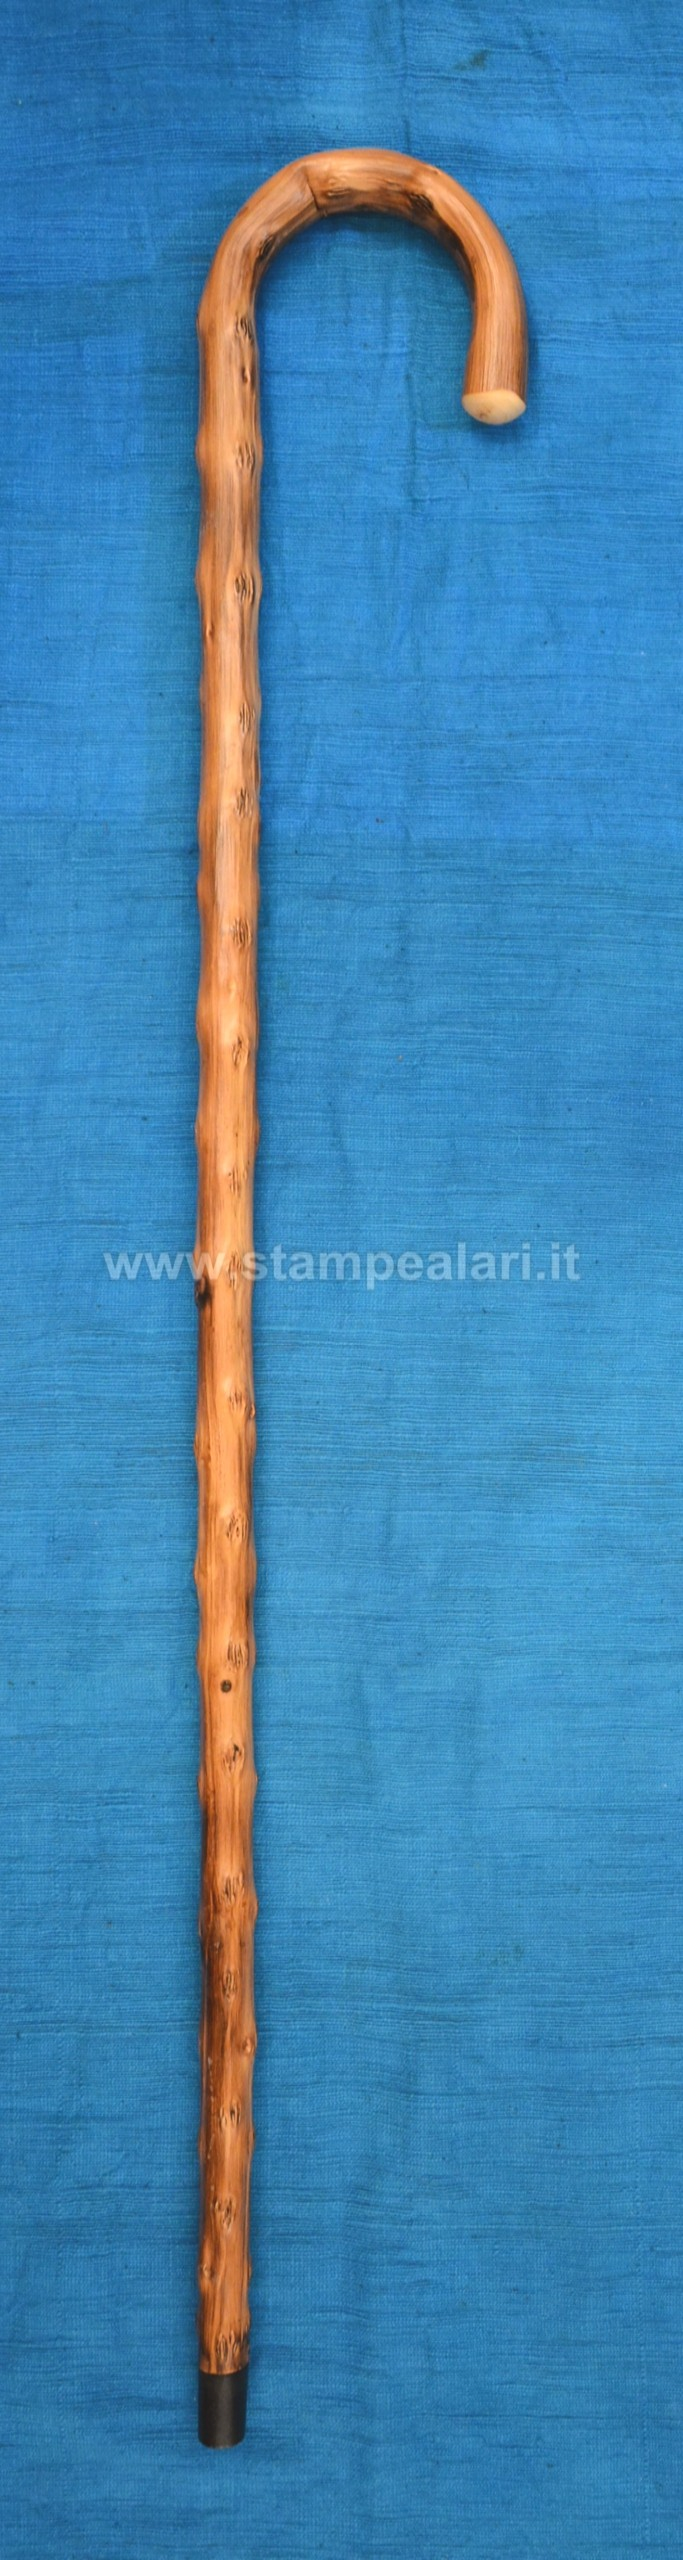 Ben noto Bastone da passeggio in legno congo YI63